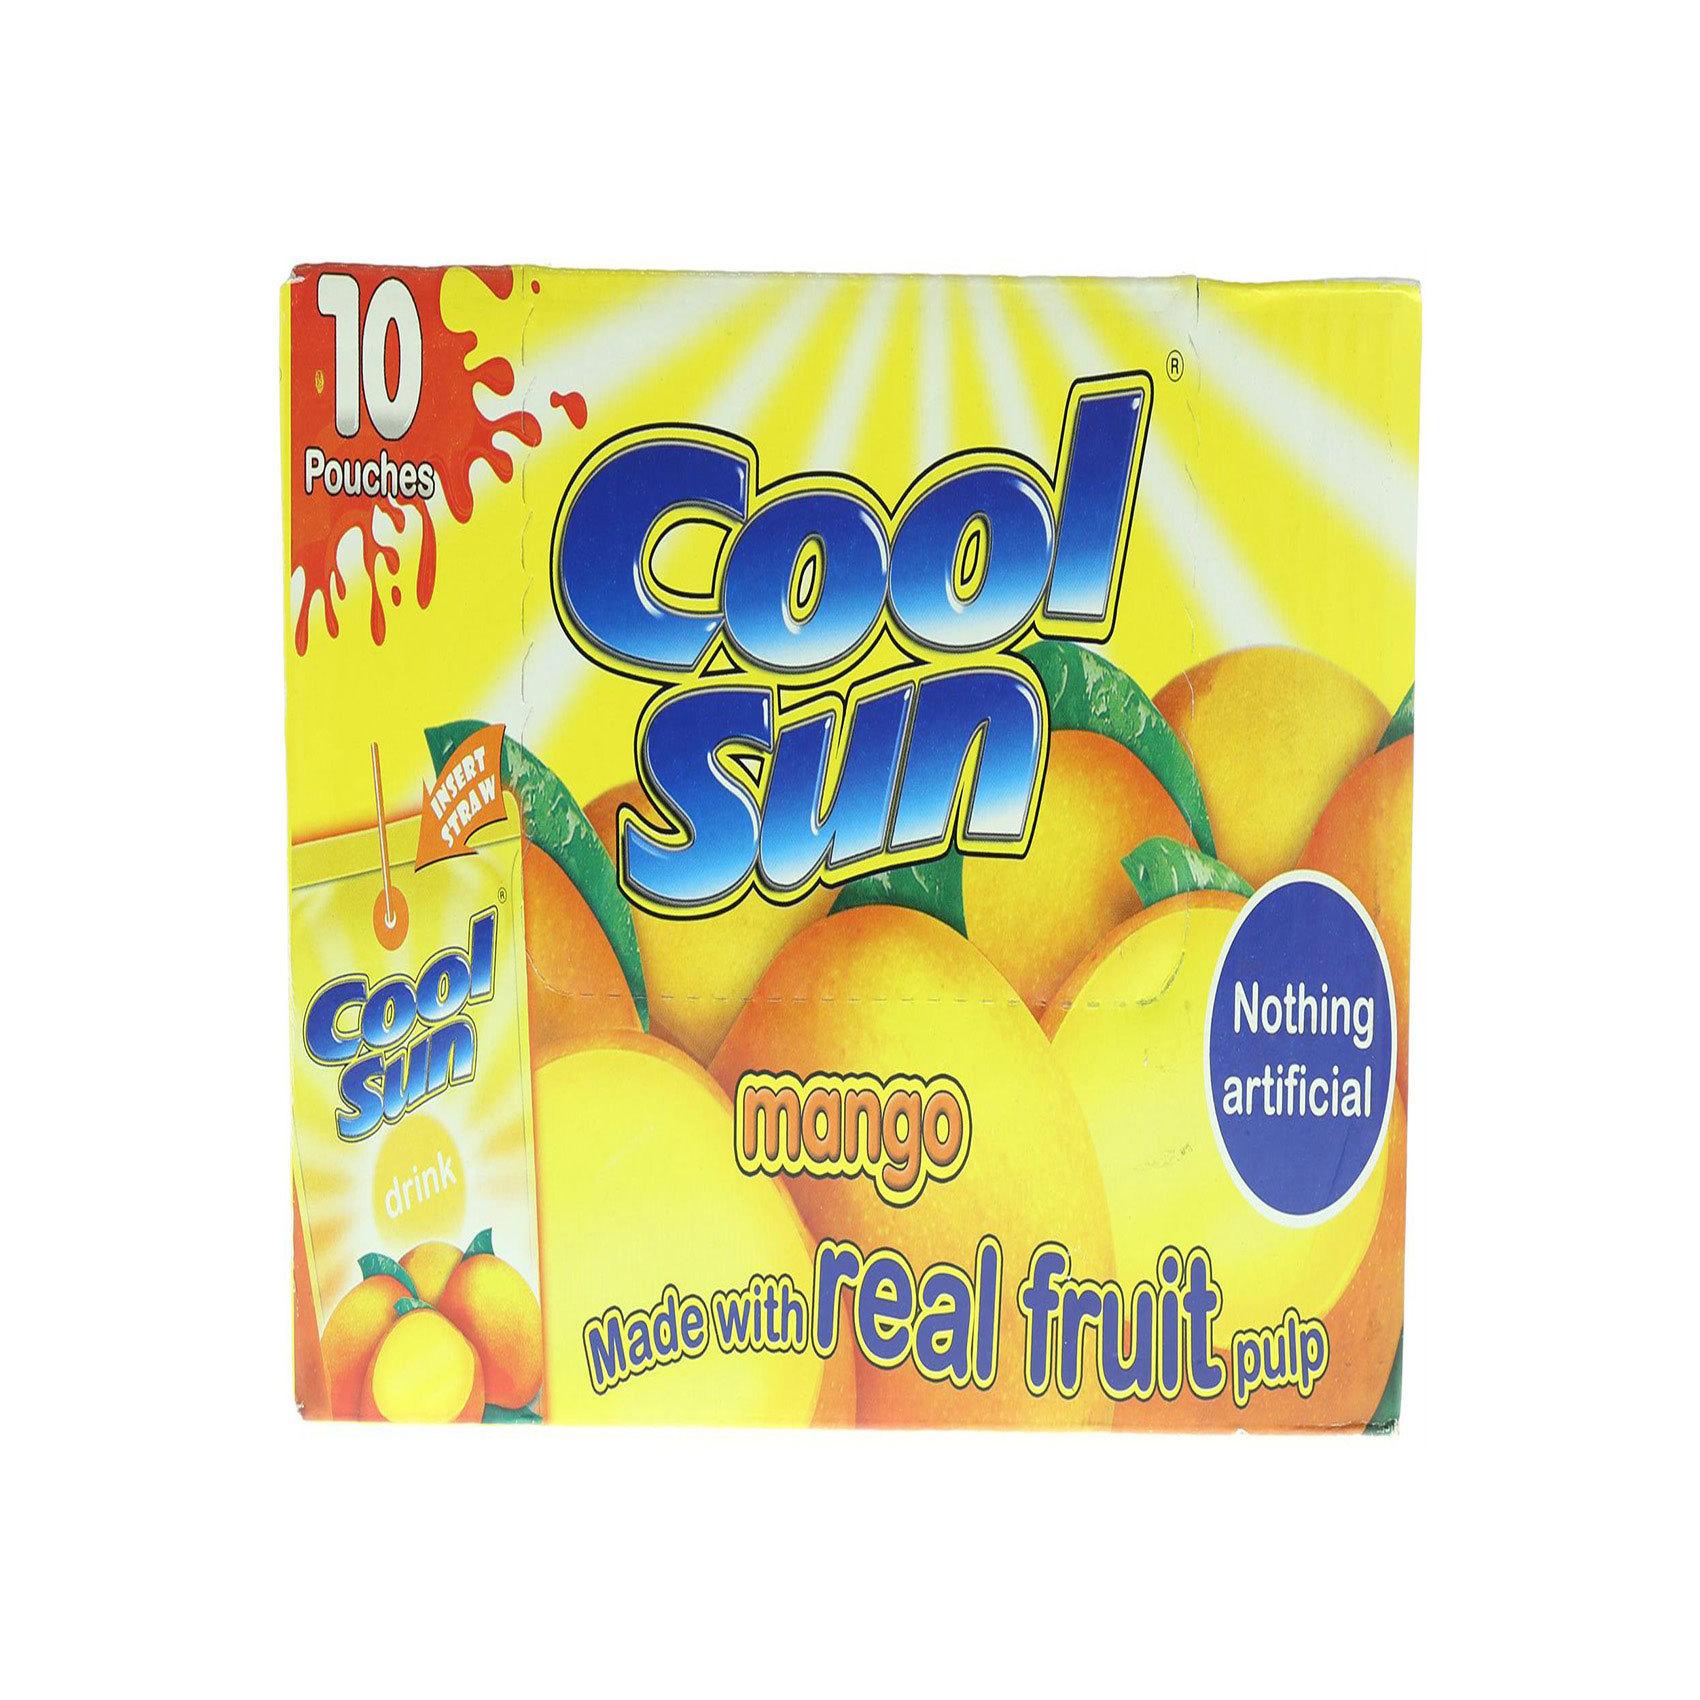 COOL-SUN MANGO 10'S